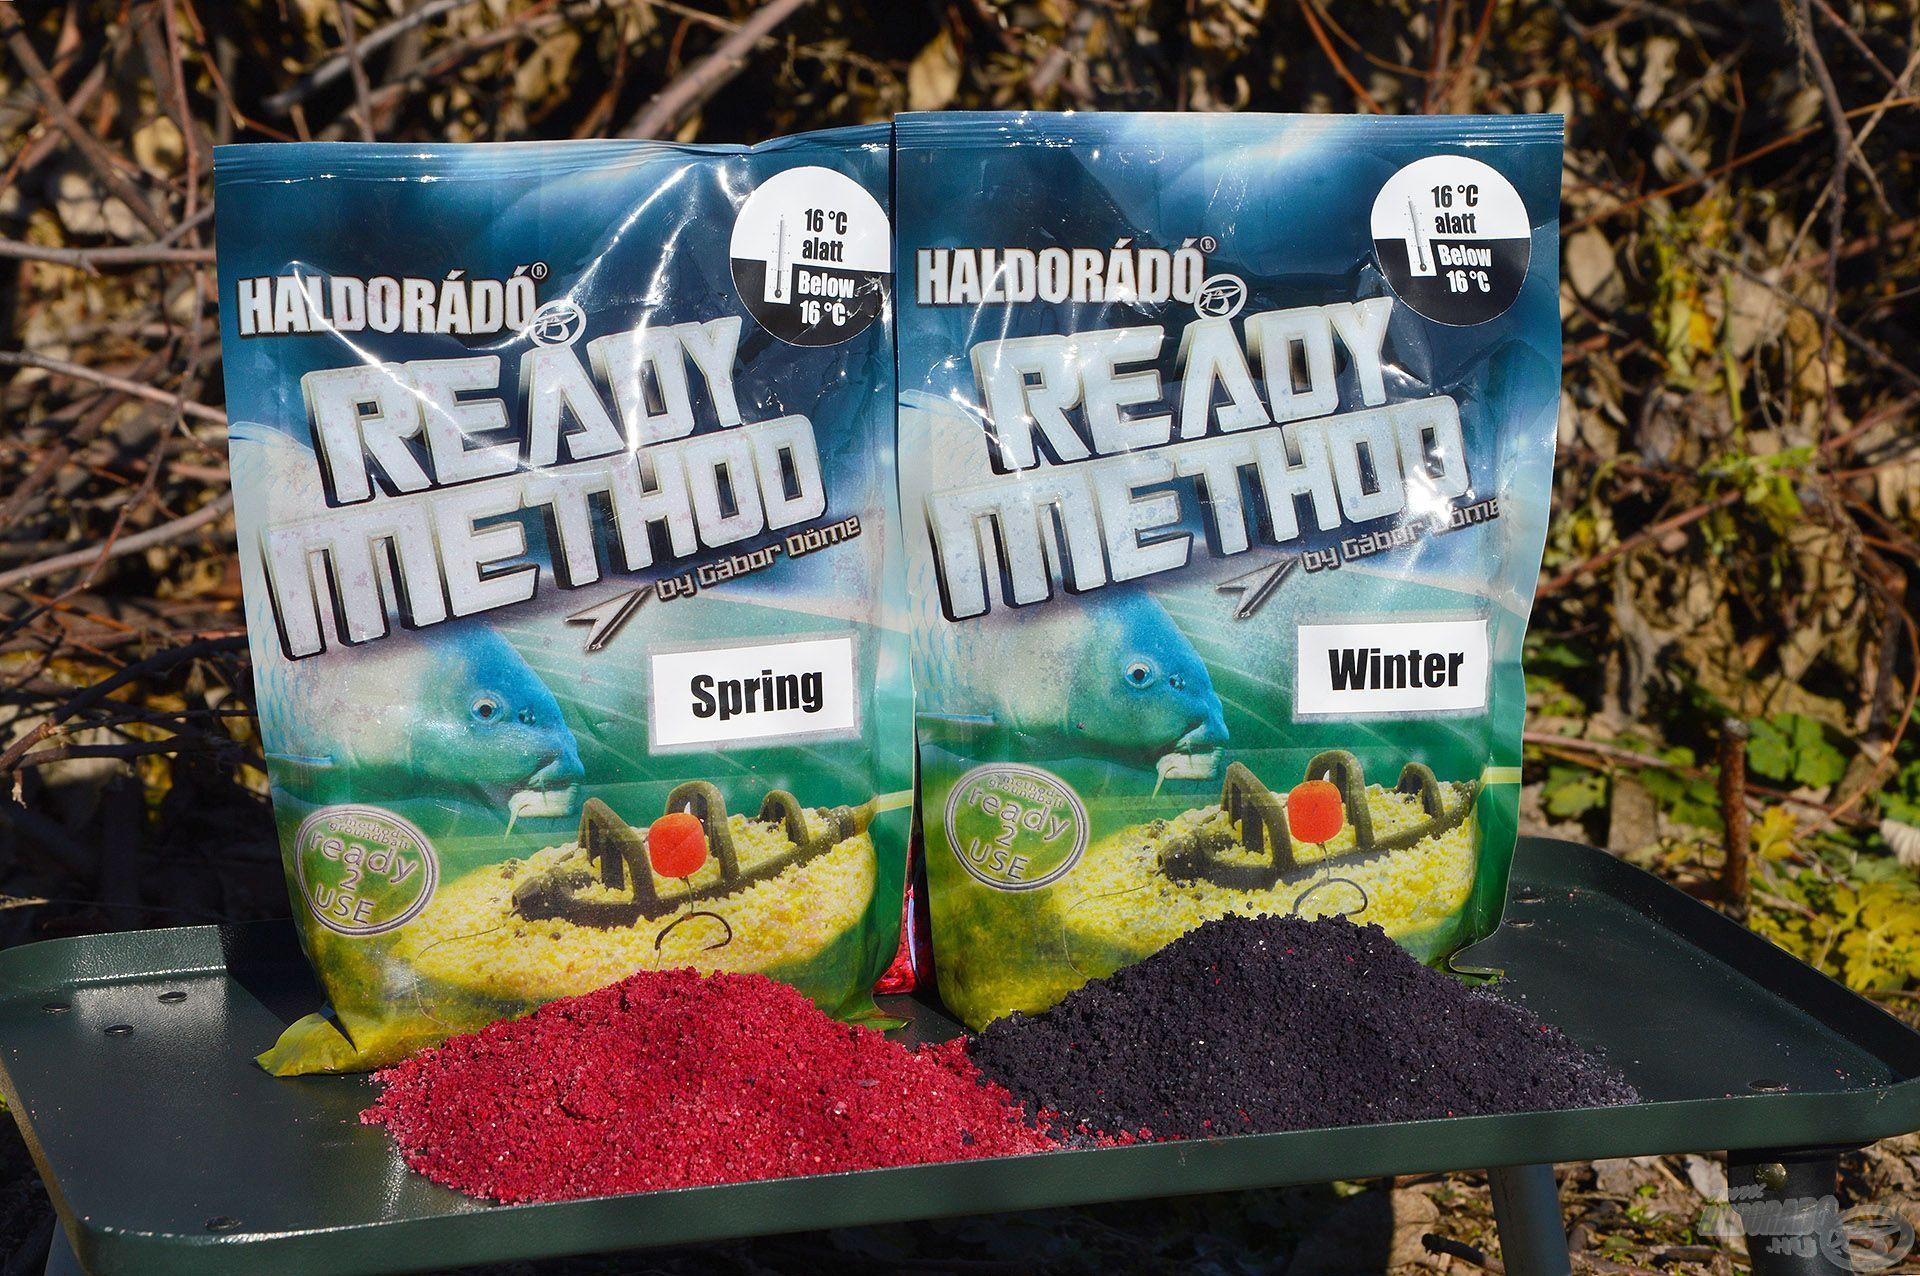 A Ready Method Winter és Spring tökéletes etetőanyagok a tavaszi hideg vagy már felmelegedő vizekre